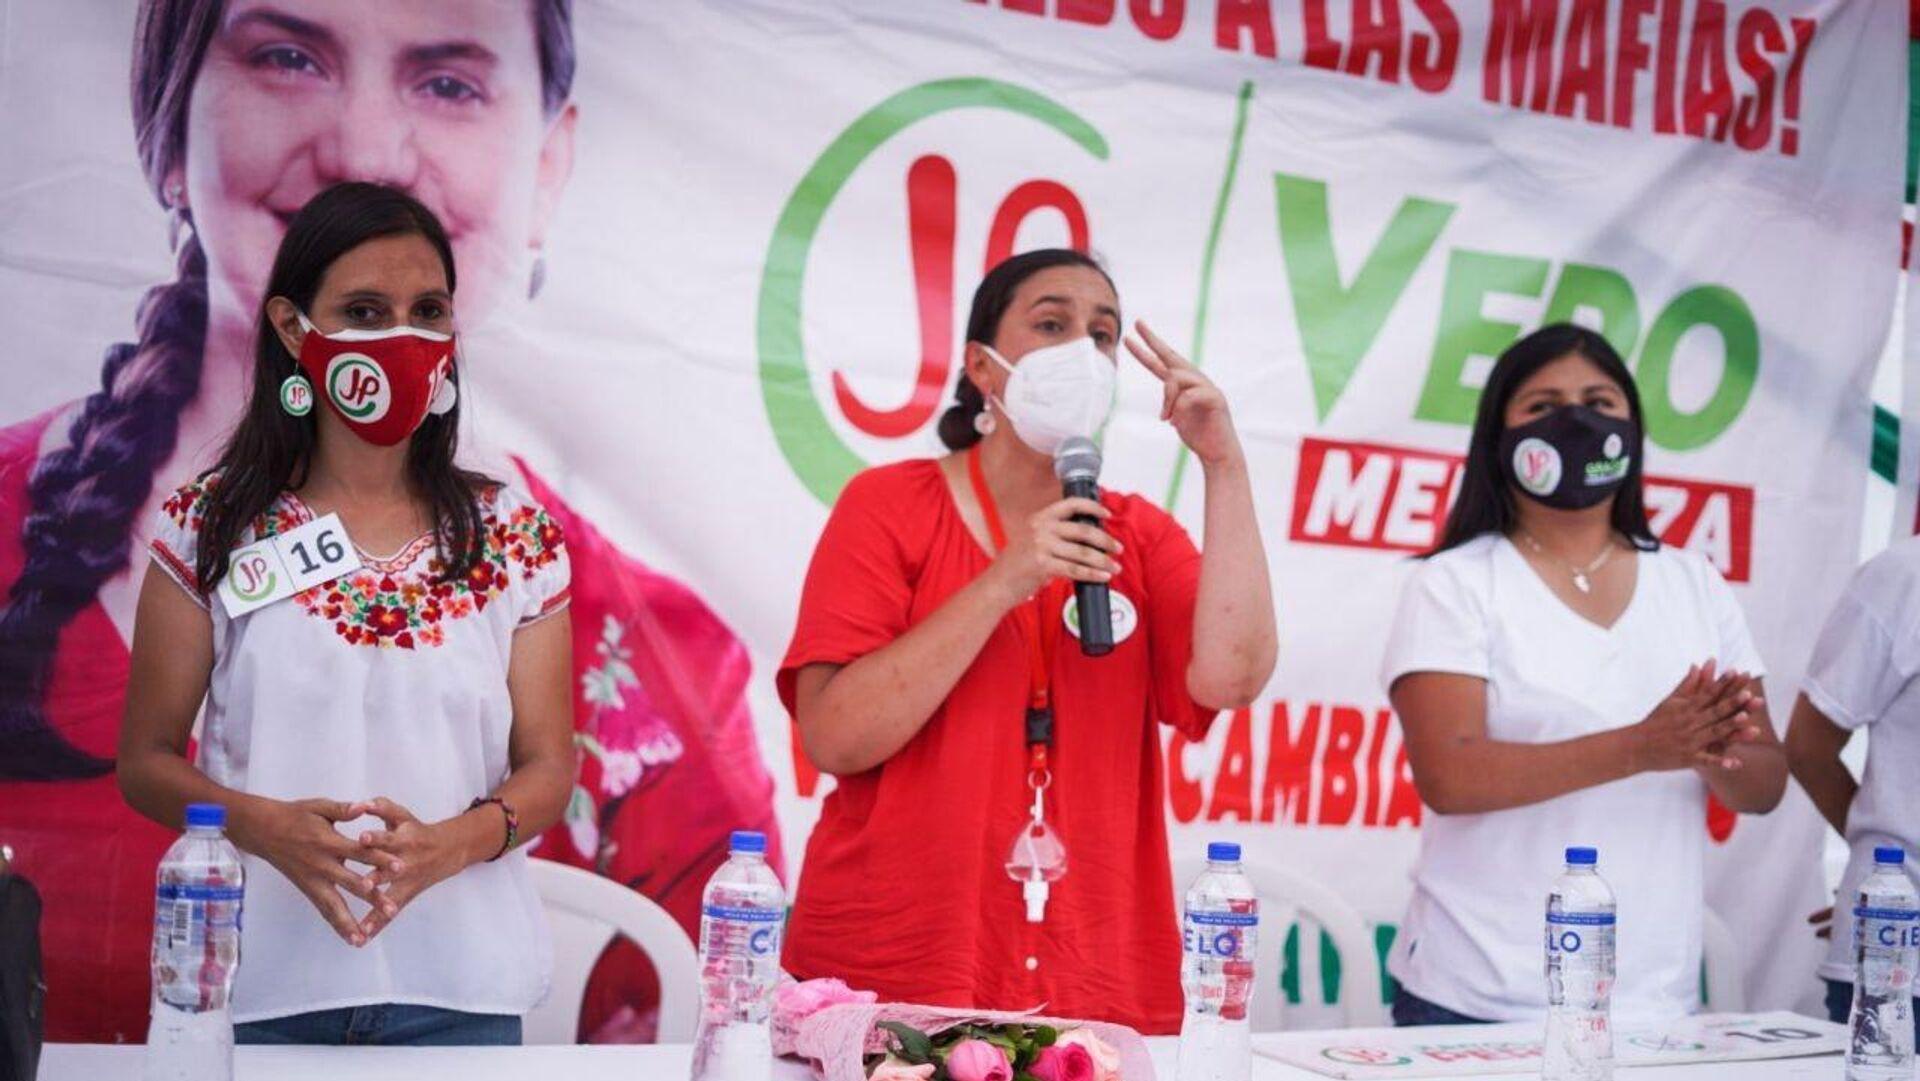 Verónika Mendoza, candidata a la presidencia del Perú por la coalición Juntos por el Perú  - Sputnik Mundo, 1920, 01.04.2021